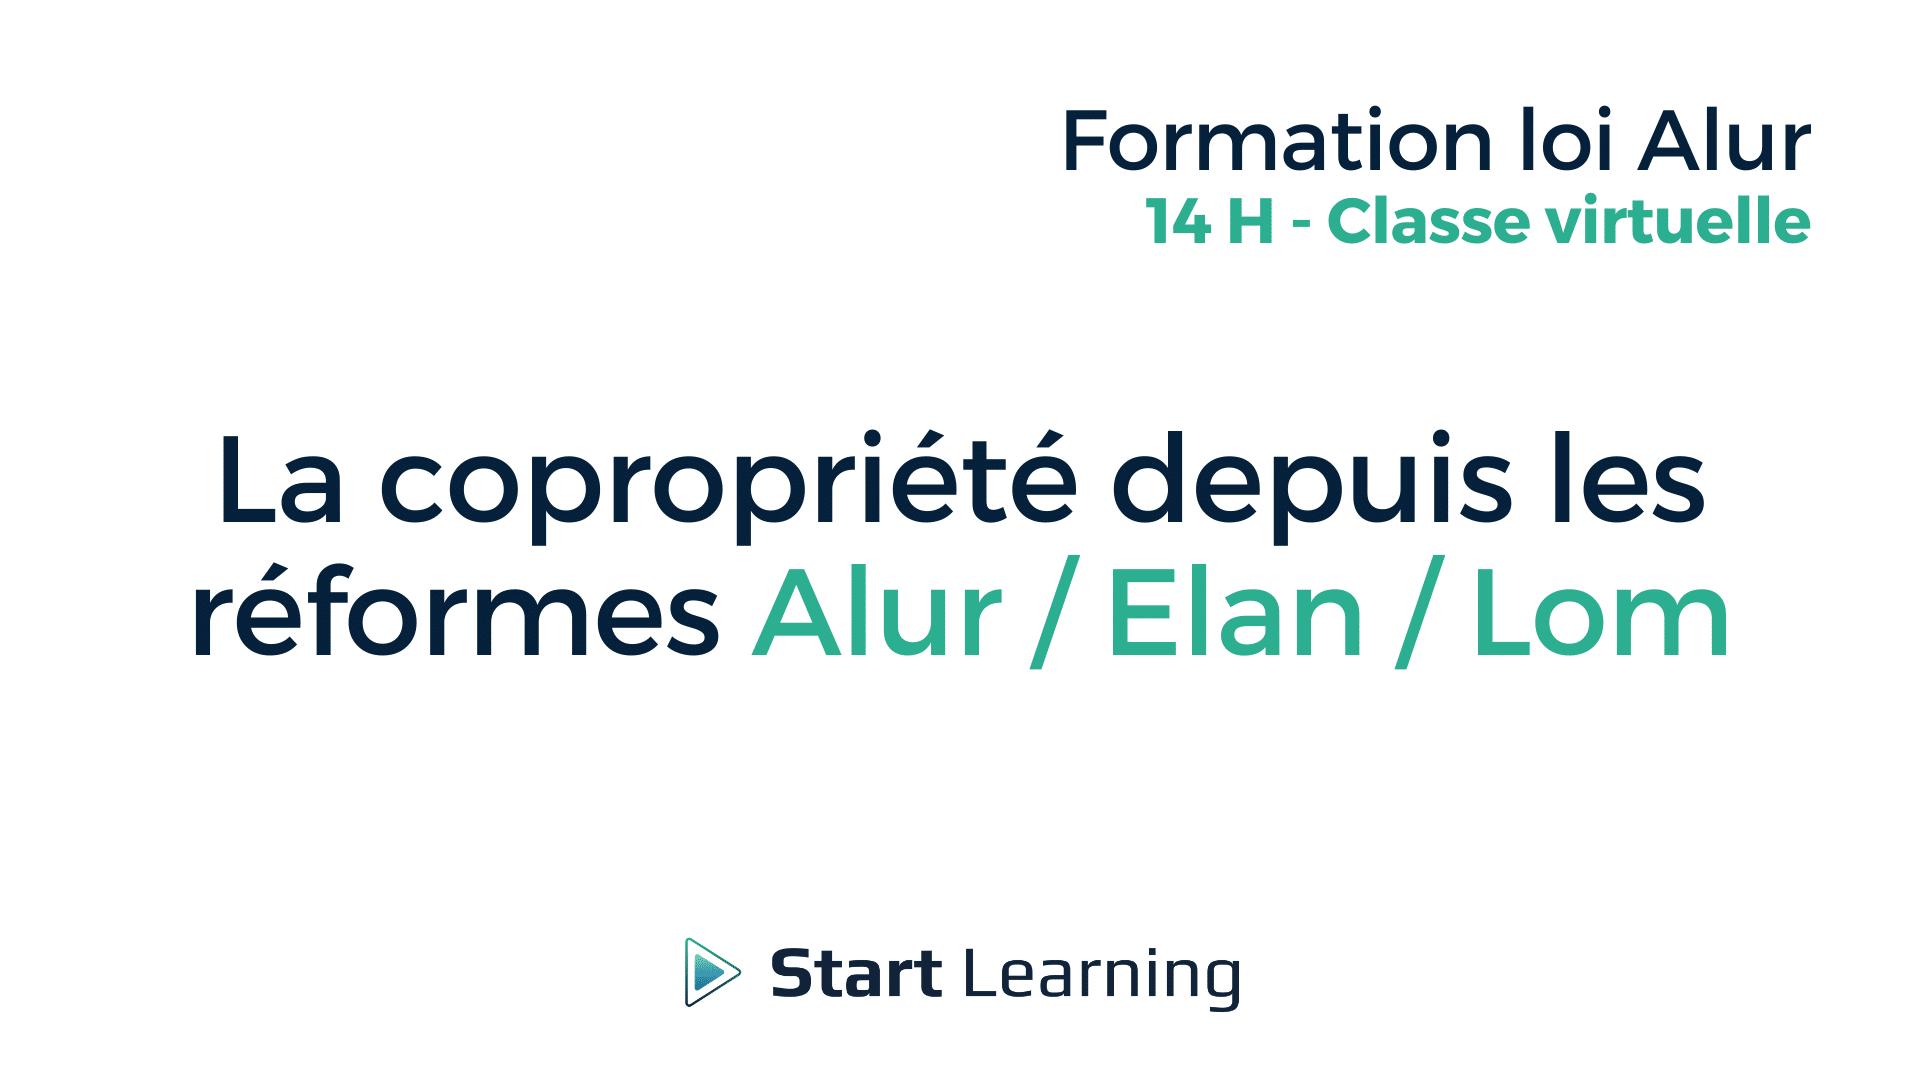 La copropriété depuis les réformes Alur : Elan : Lom - Classe virtuelle